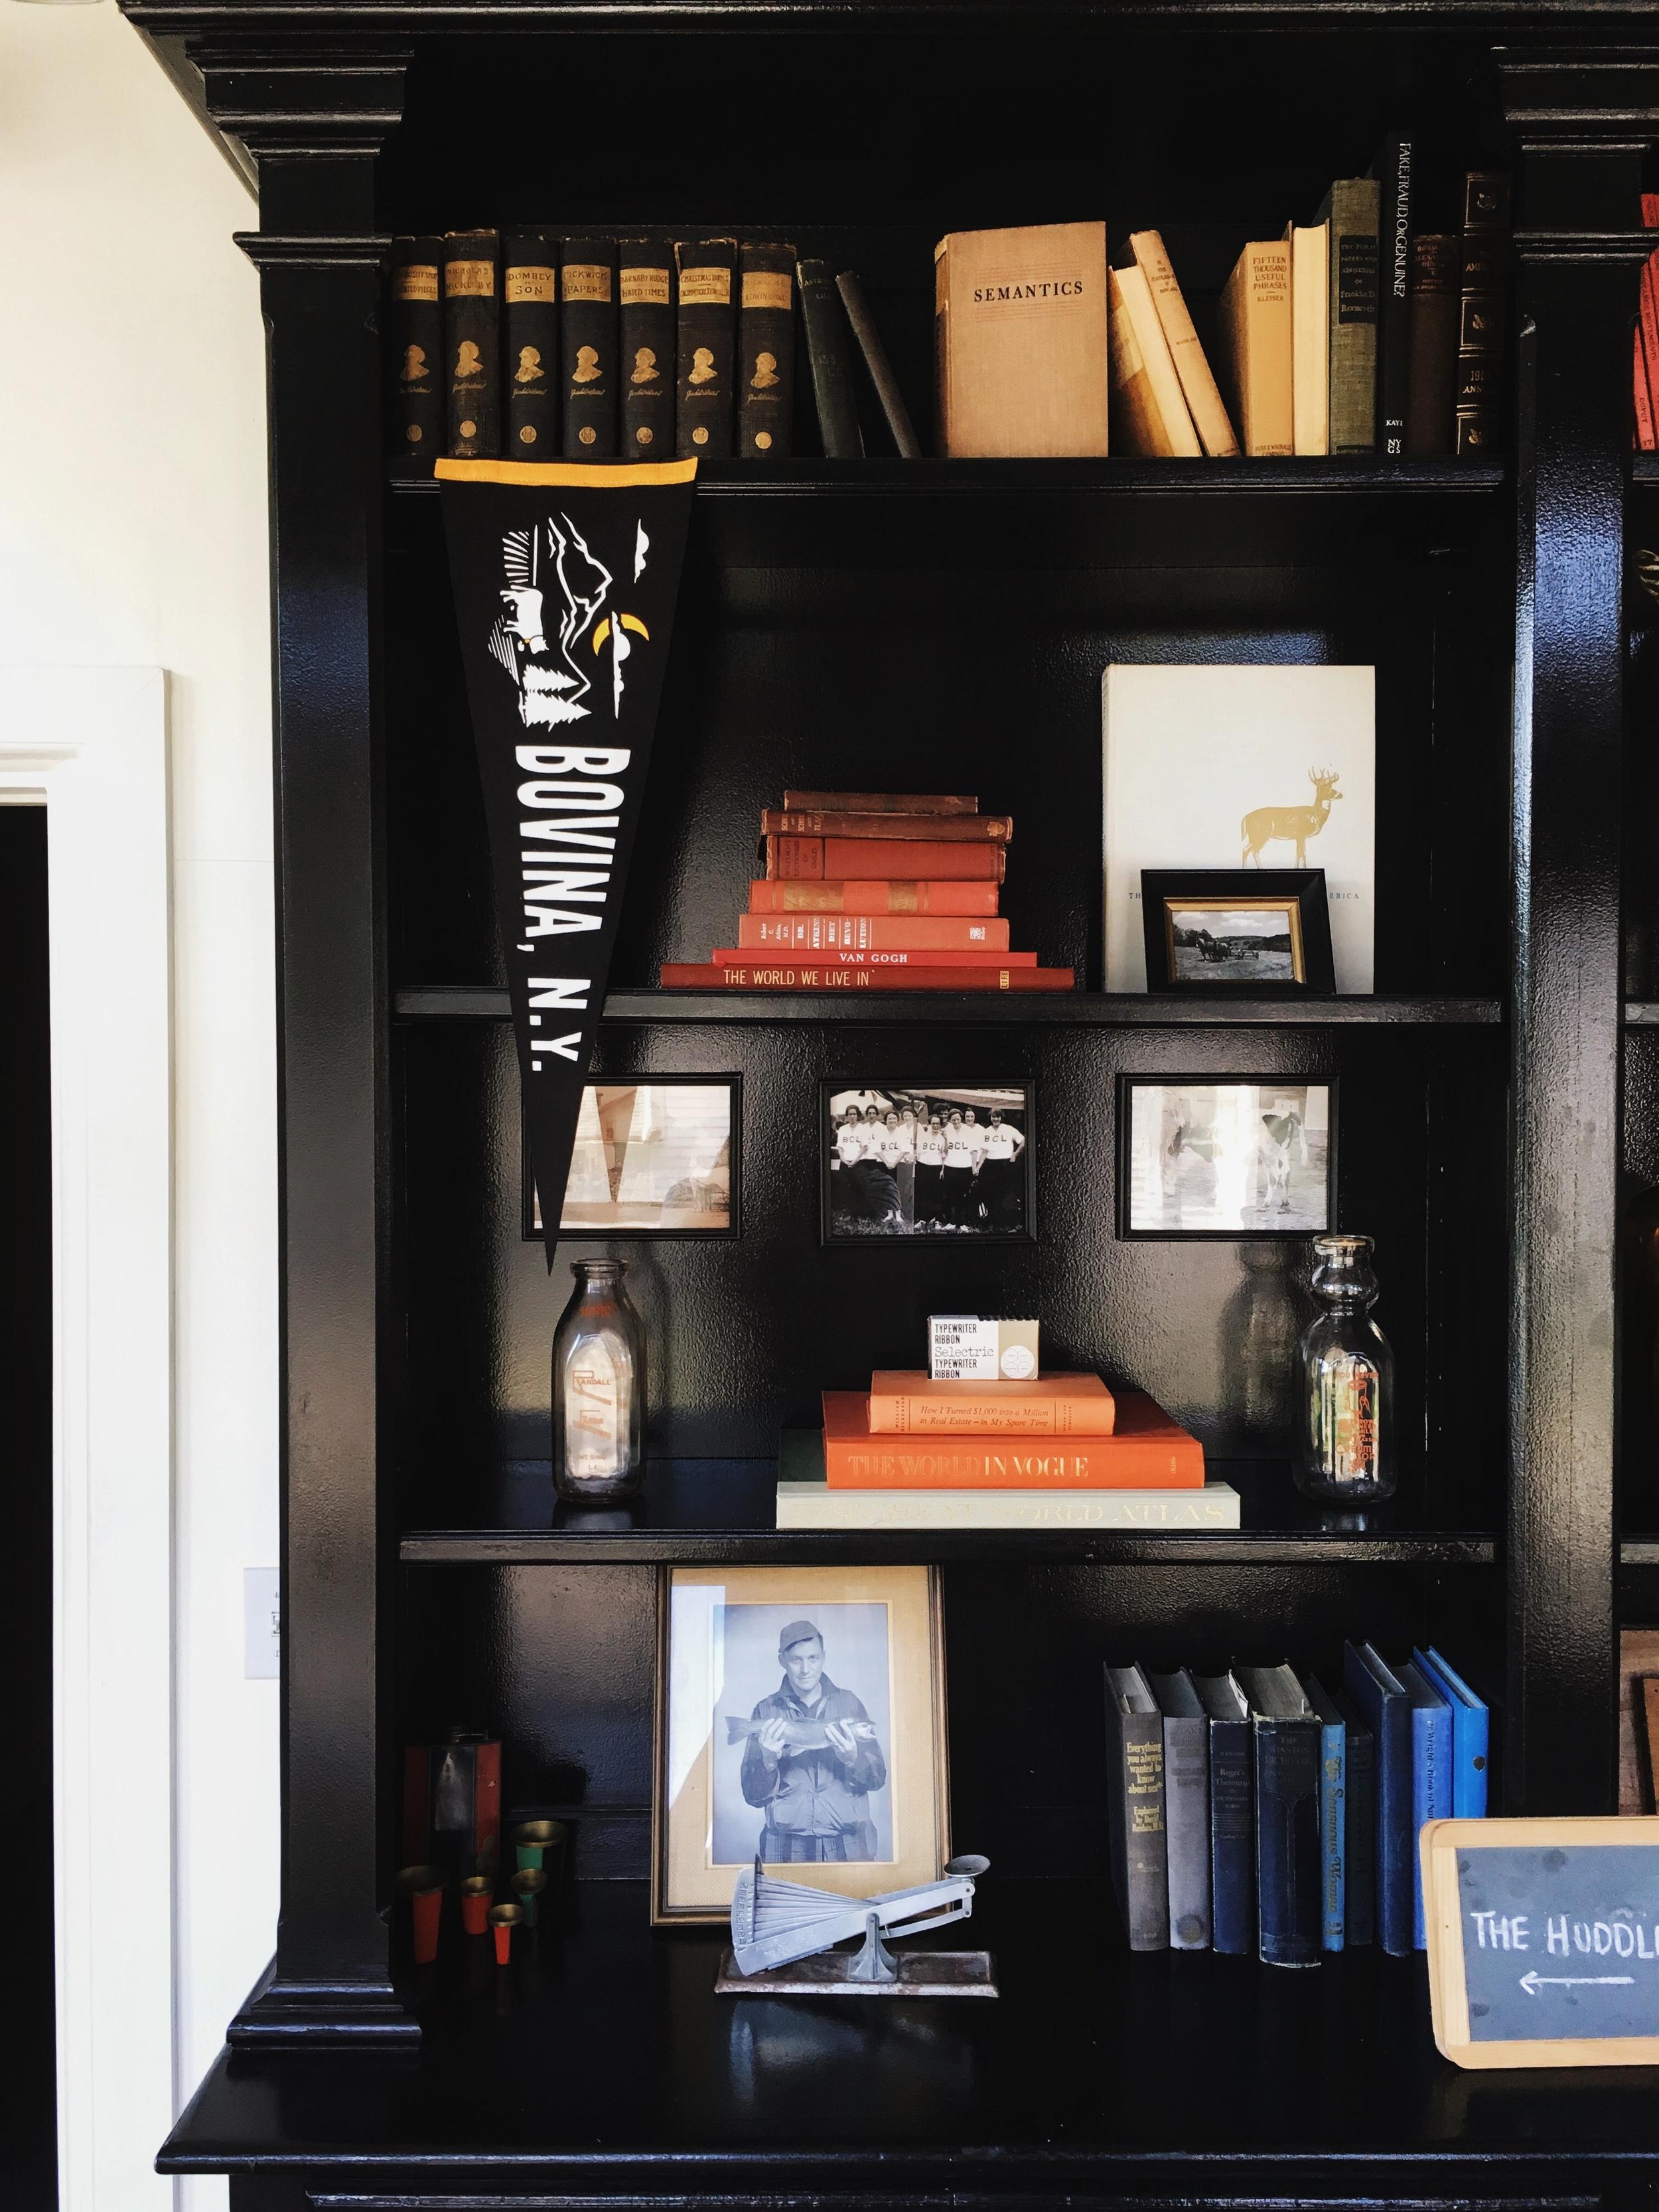 brushland_eating_house_bookshelf